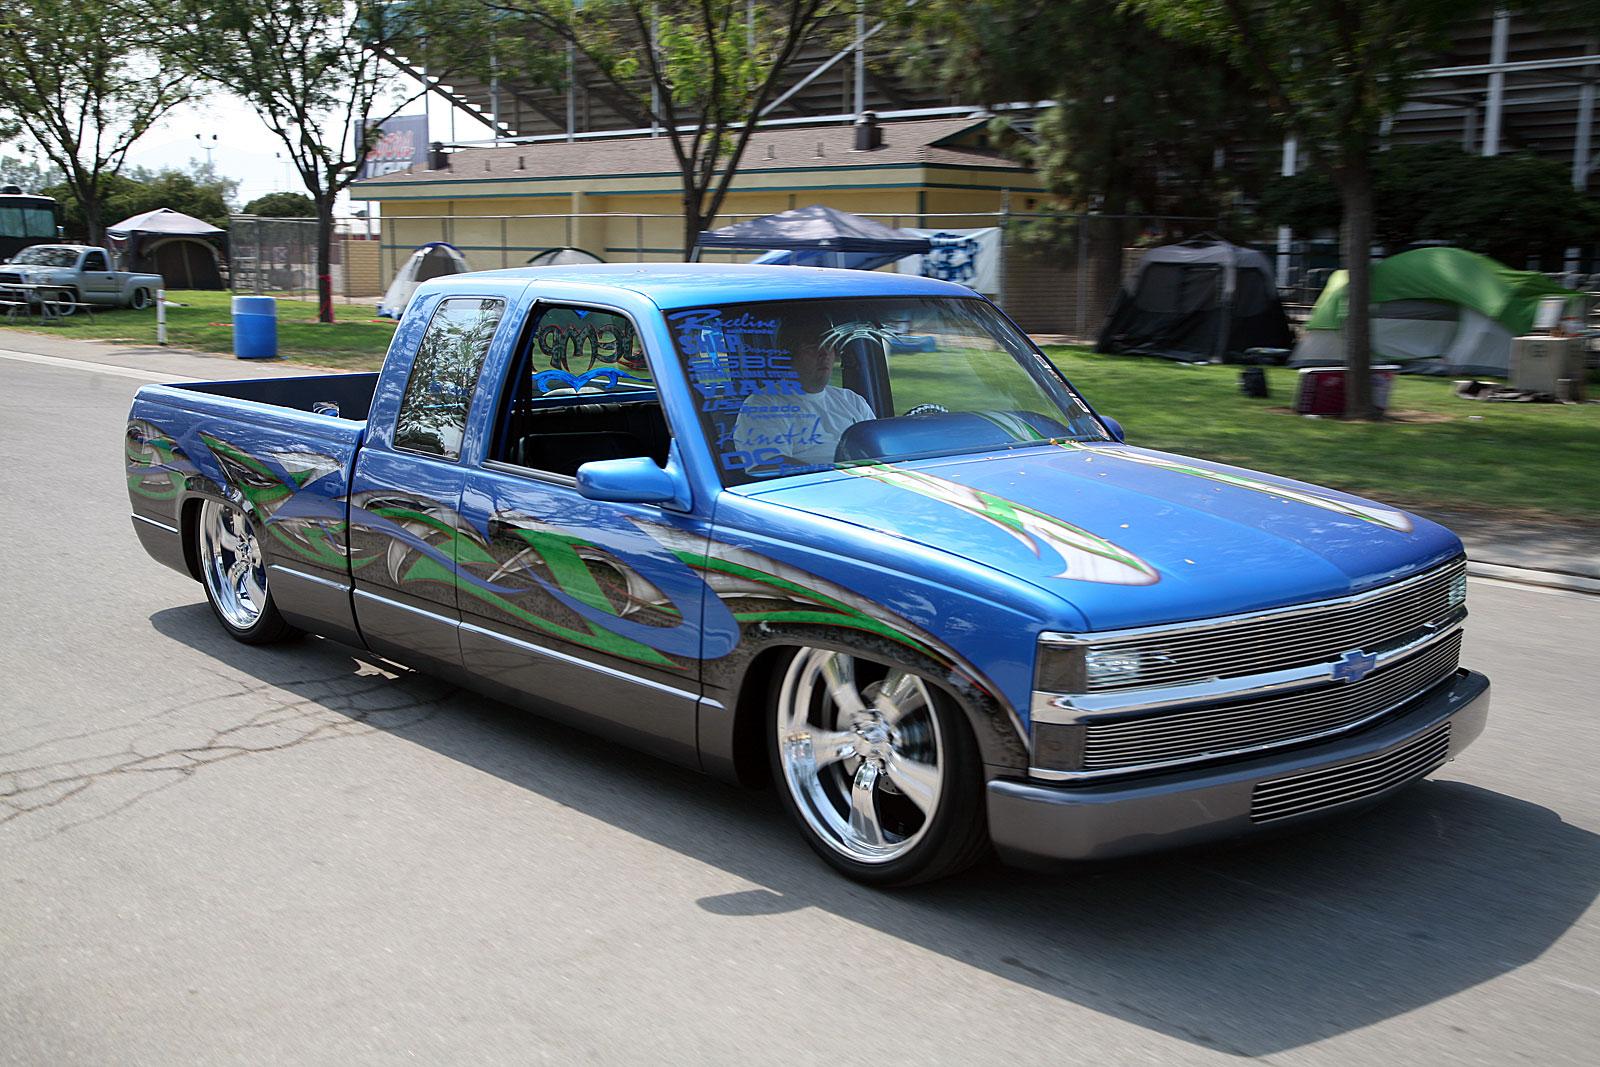 2013 Summer Madness - Truck Show - Truckin